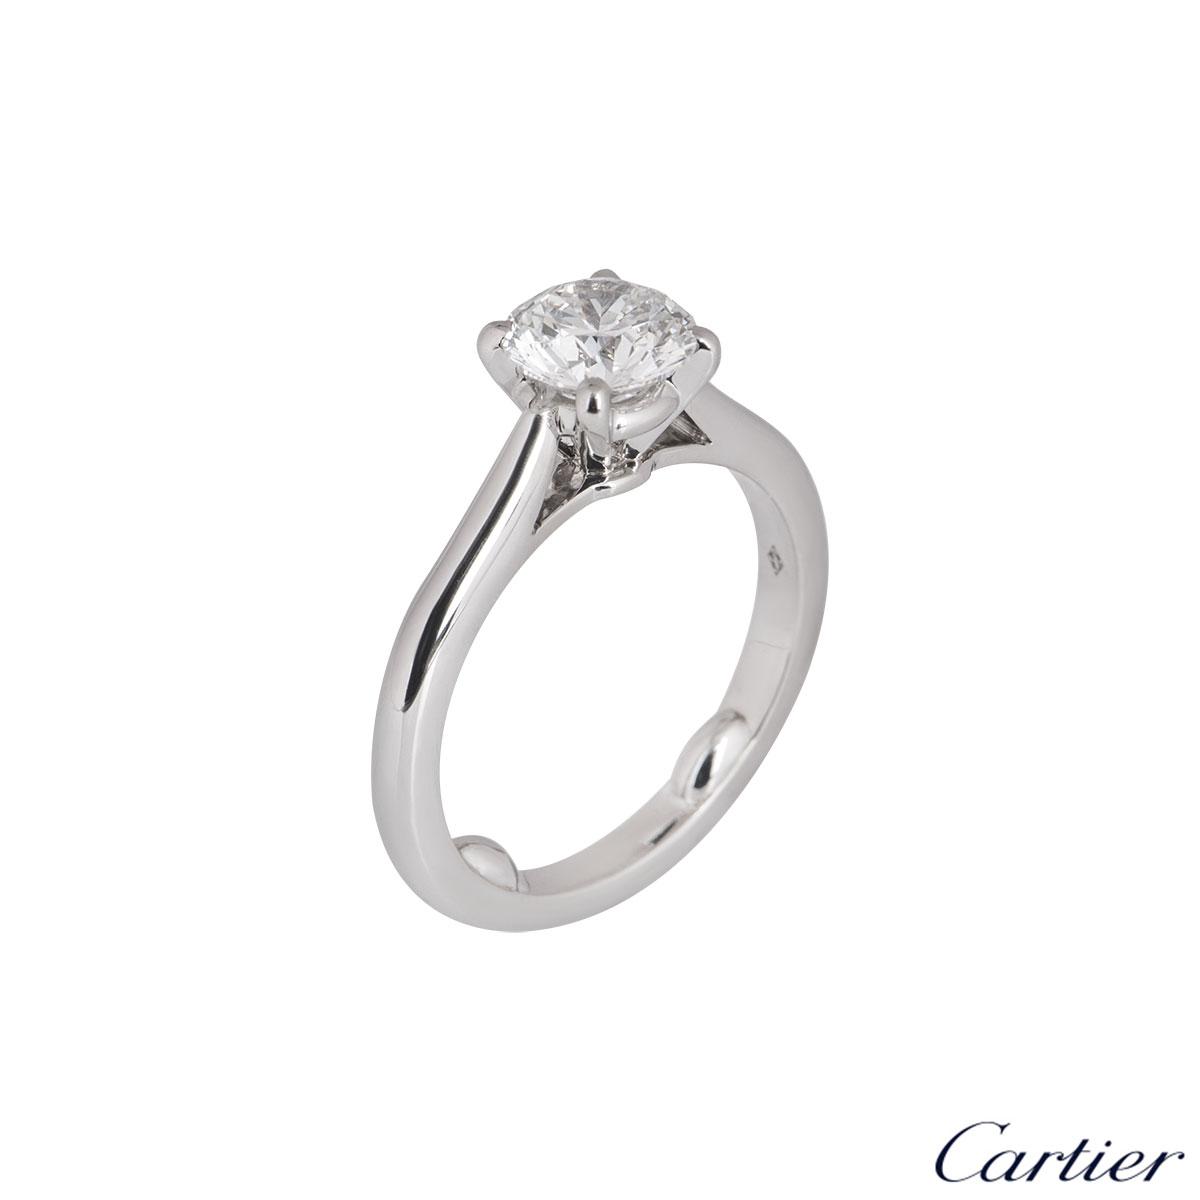 Cartier Platinum Diamond 1895 Solitaire Ring 1.16ct G/VVS1 XXX